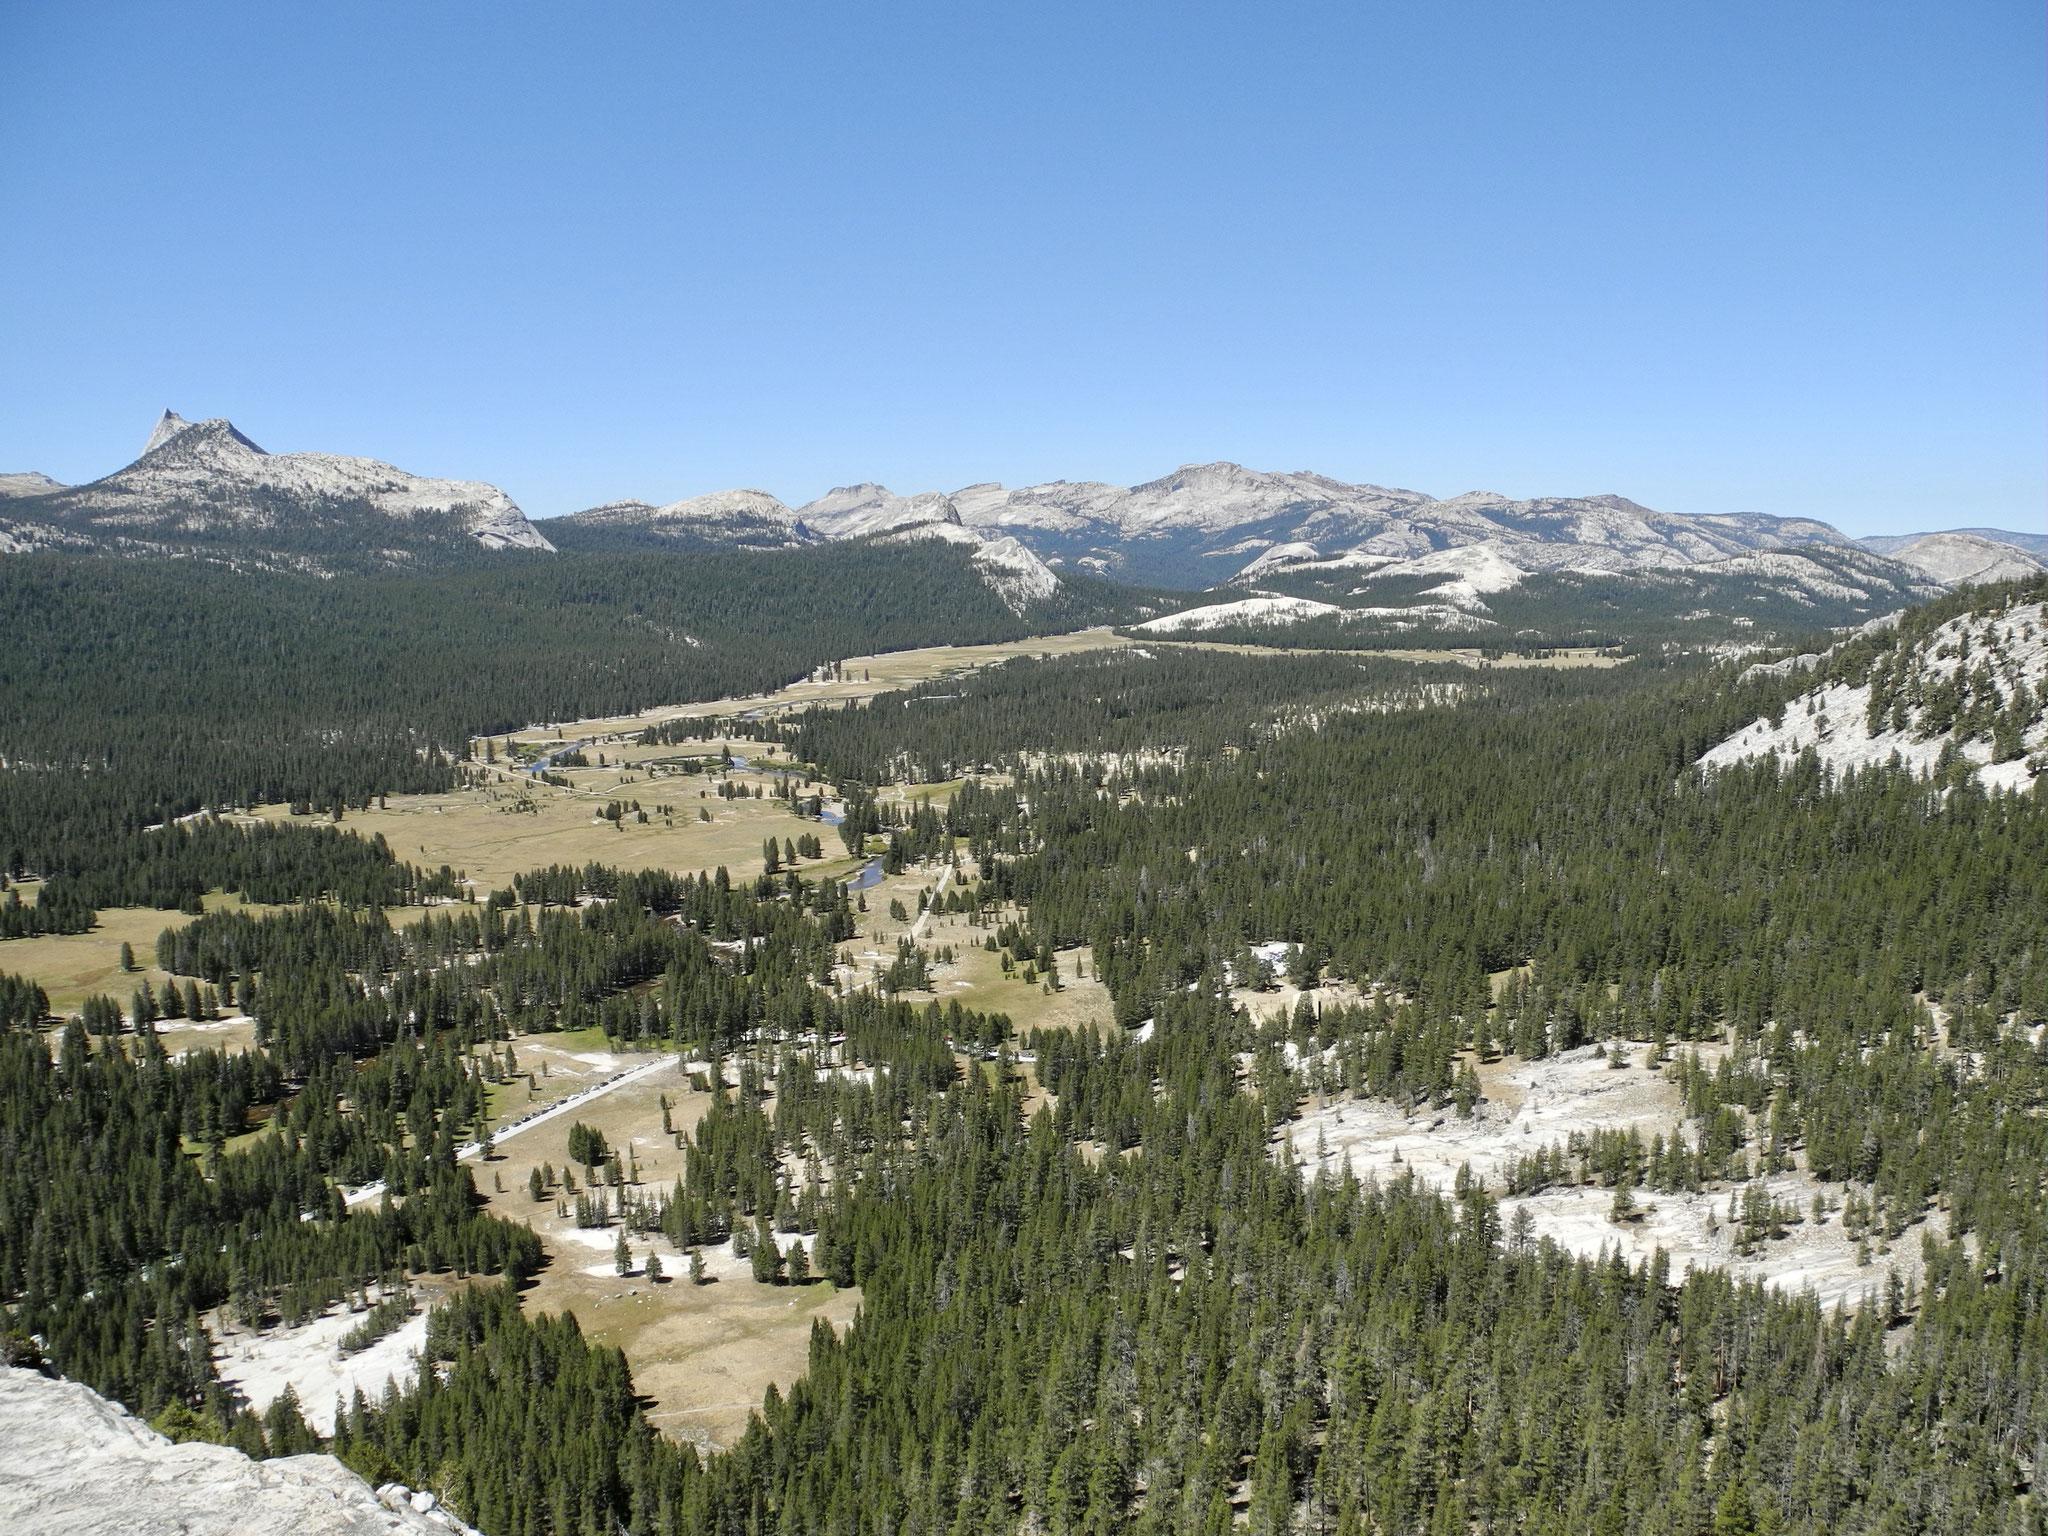 Blick auf Tuolumne Meadows vom Gipfel des Lembert Dome, Yosemite National Park